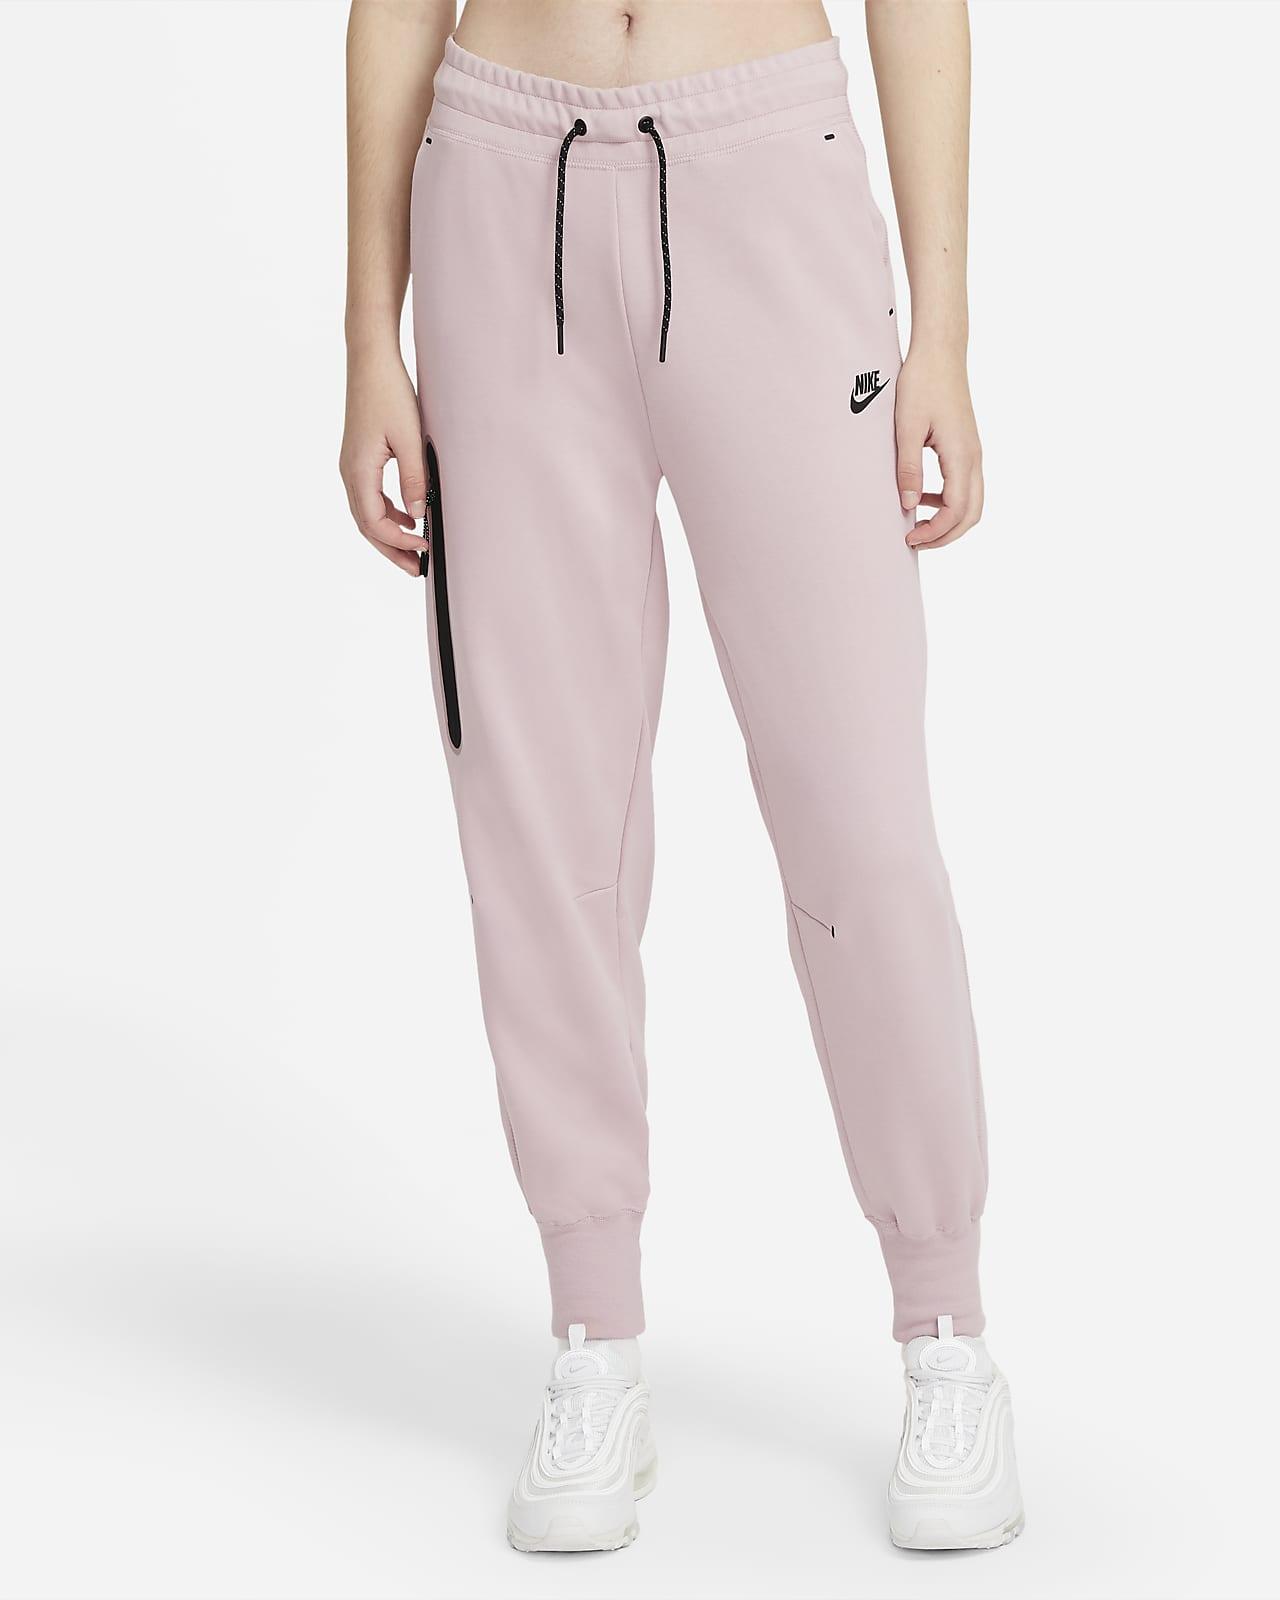 Nike Sportswear Tech Fleece Kadın Eşofman Altı